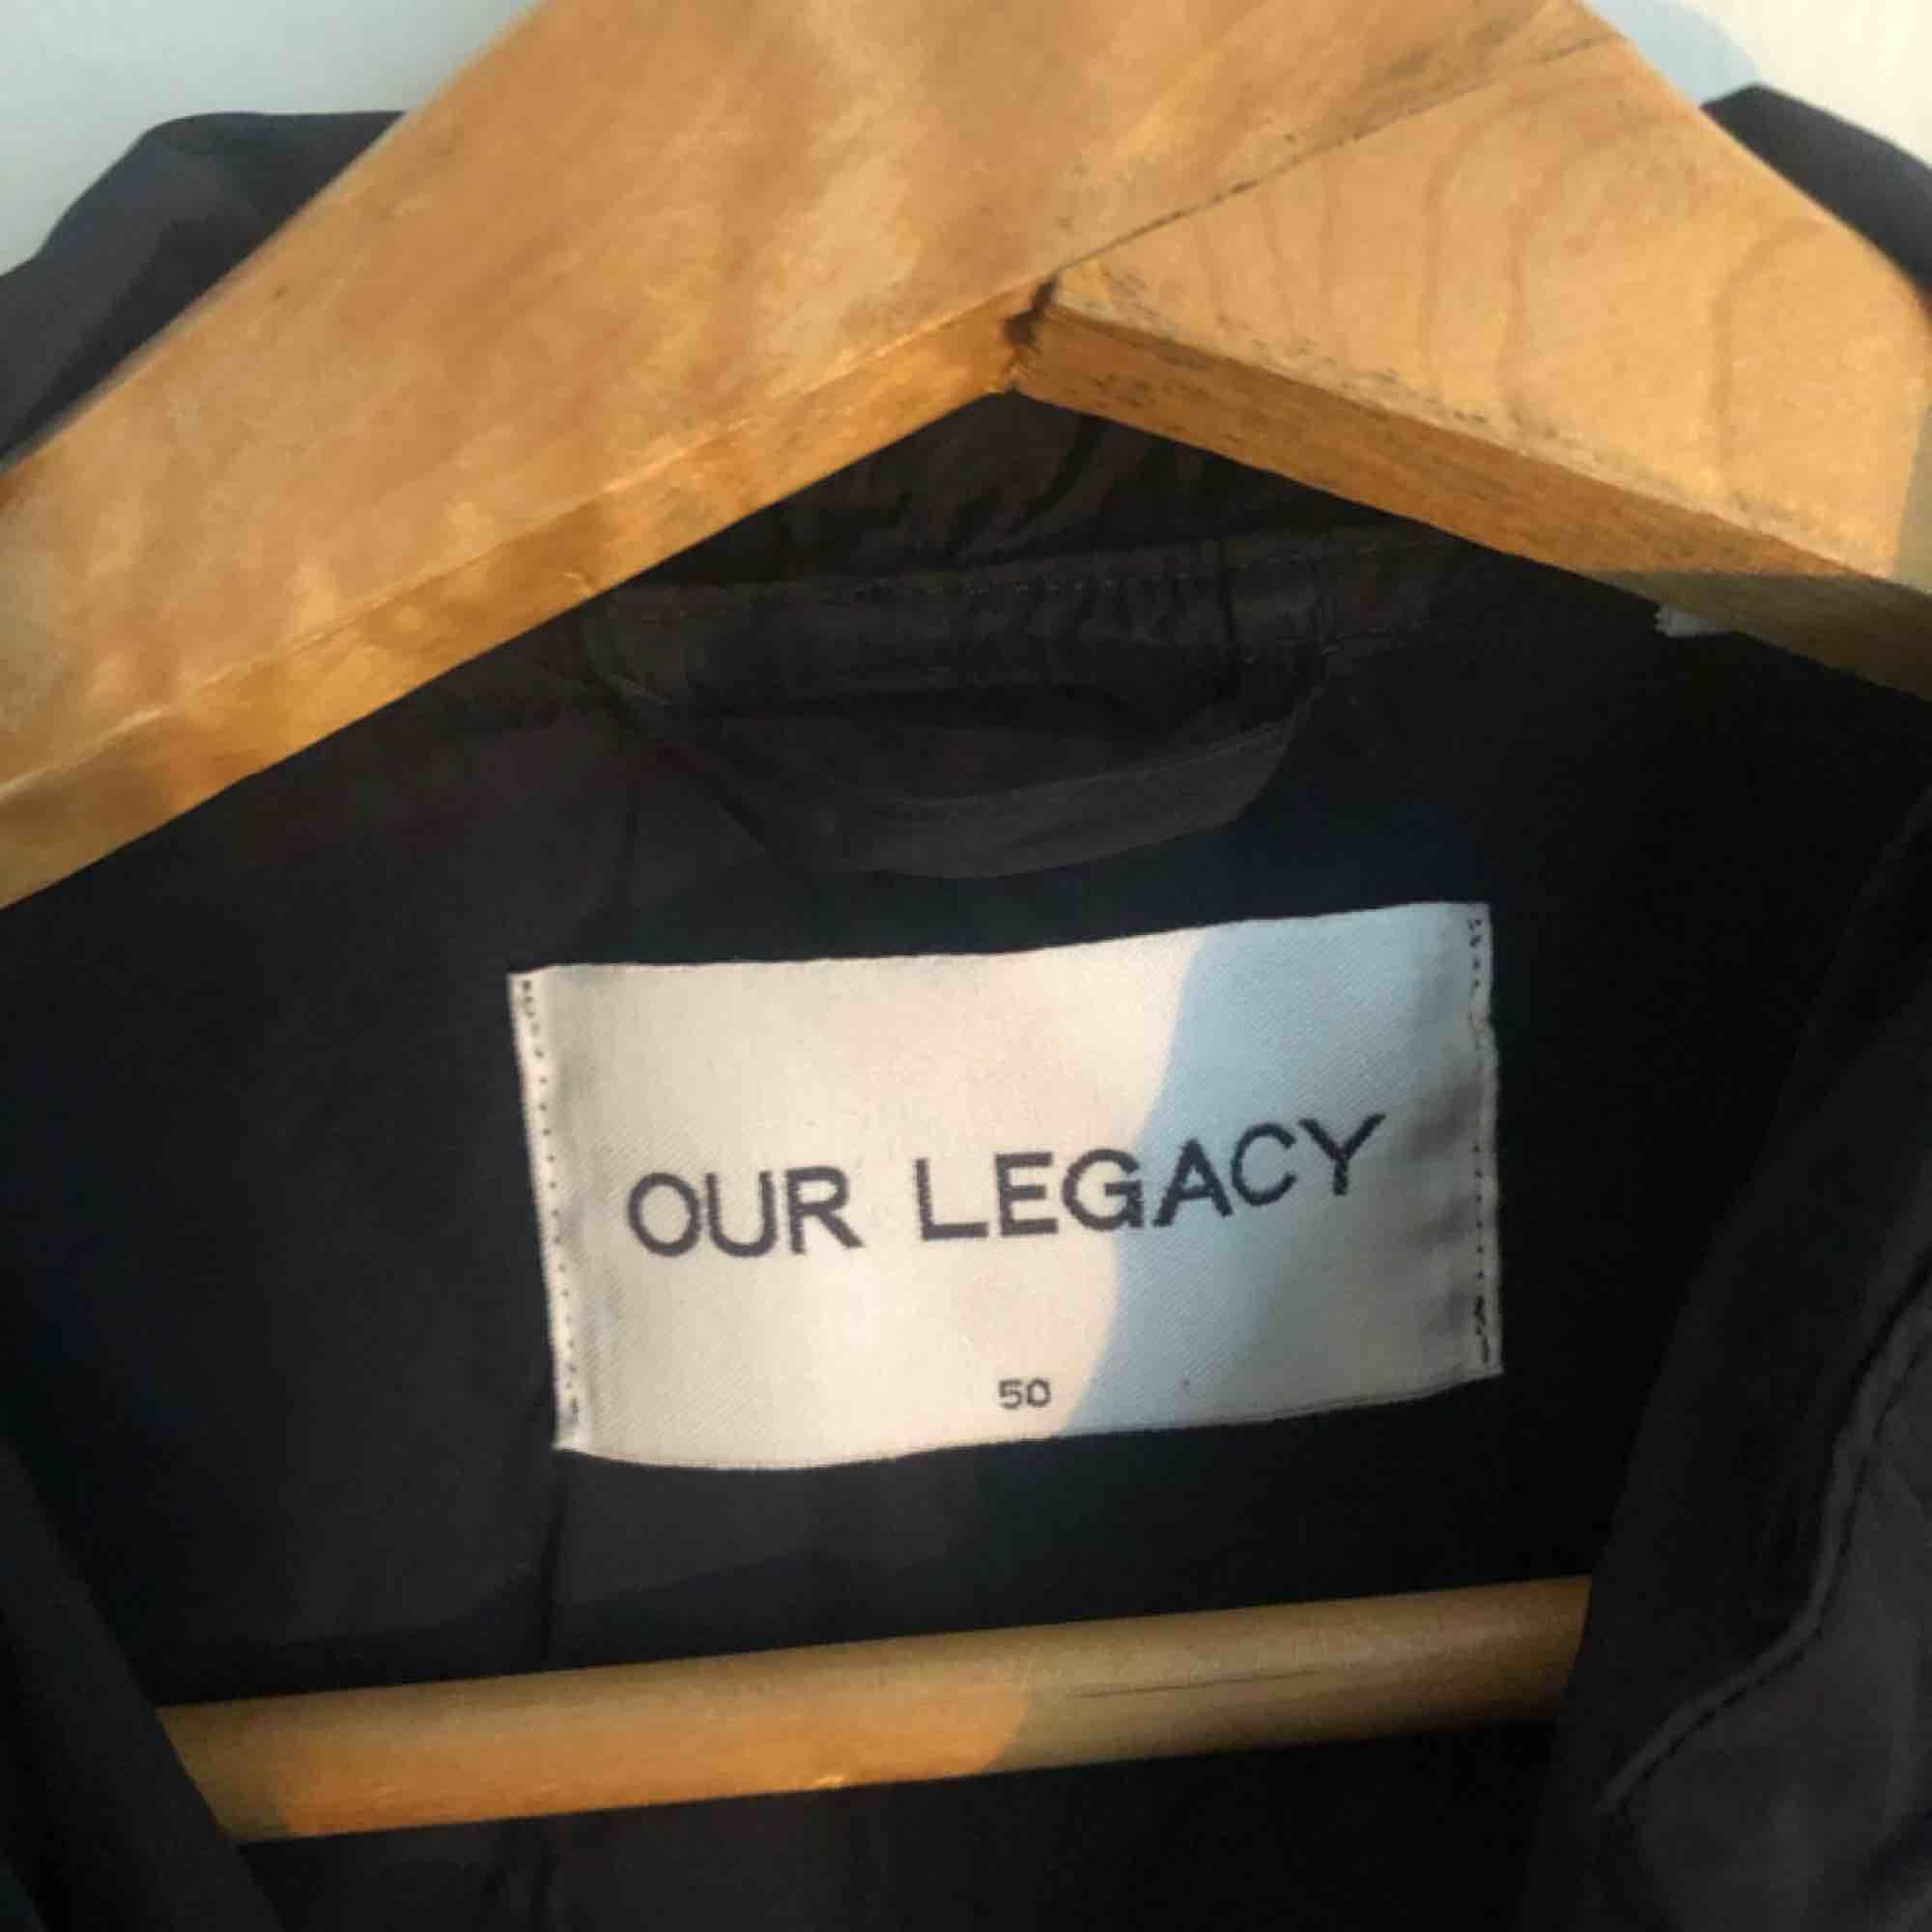 Nylon/regnjacka från Our legacy i mörkblått . Jackor.